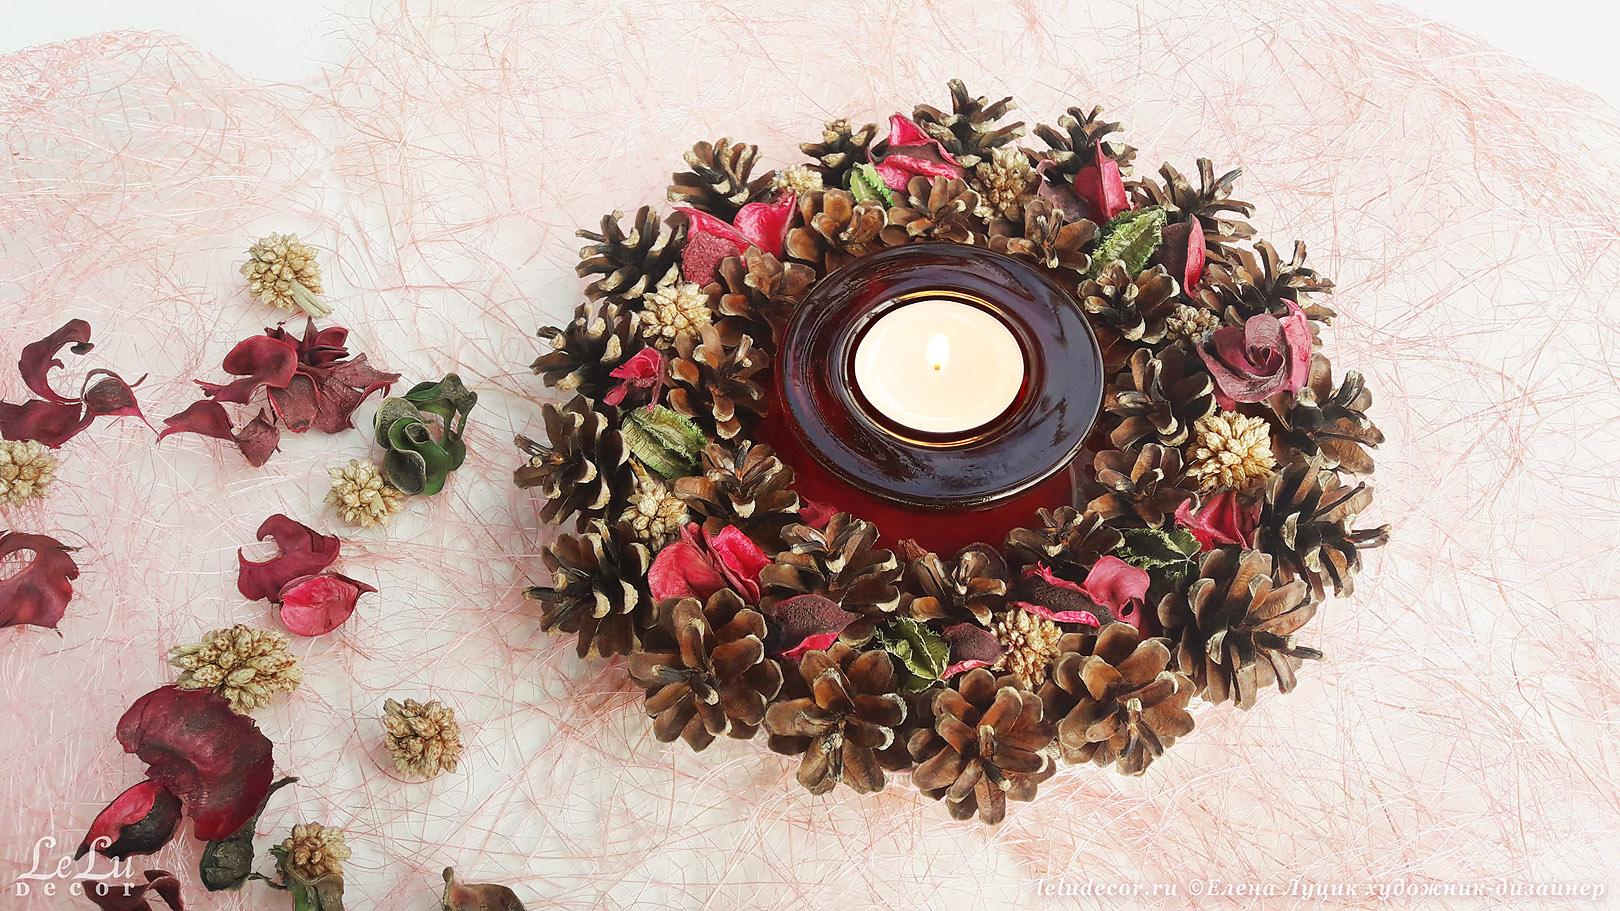 Подсвечник из сосновых шишек и сухих цветов.